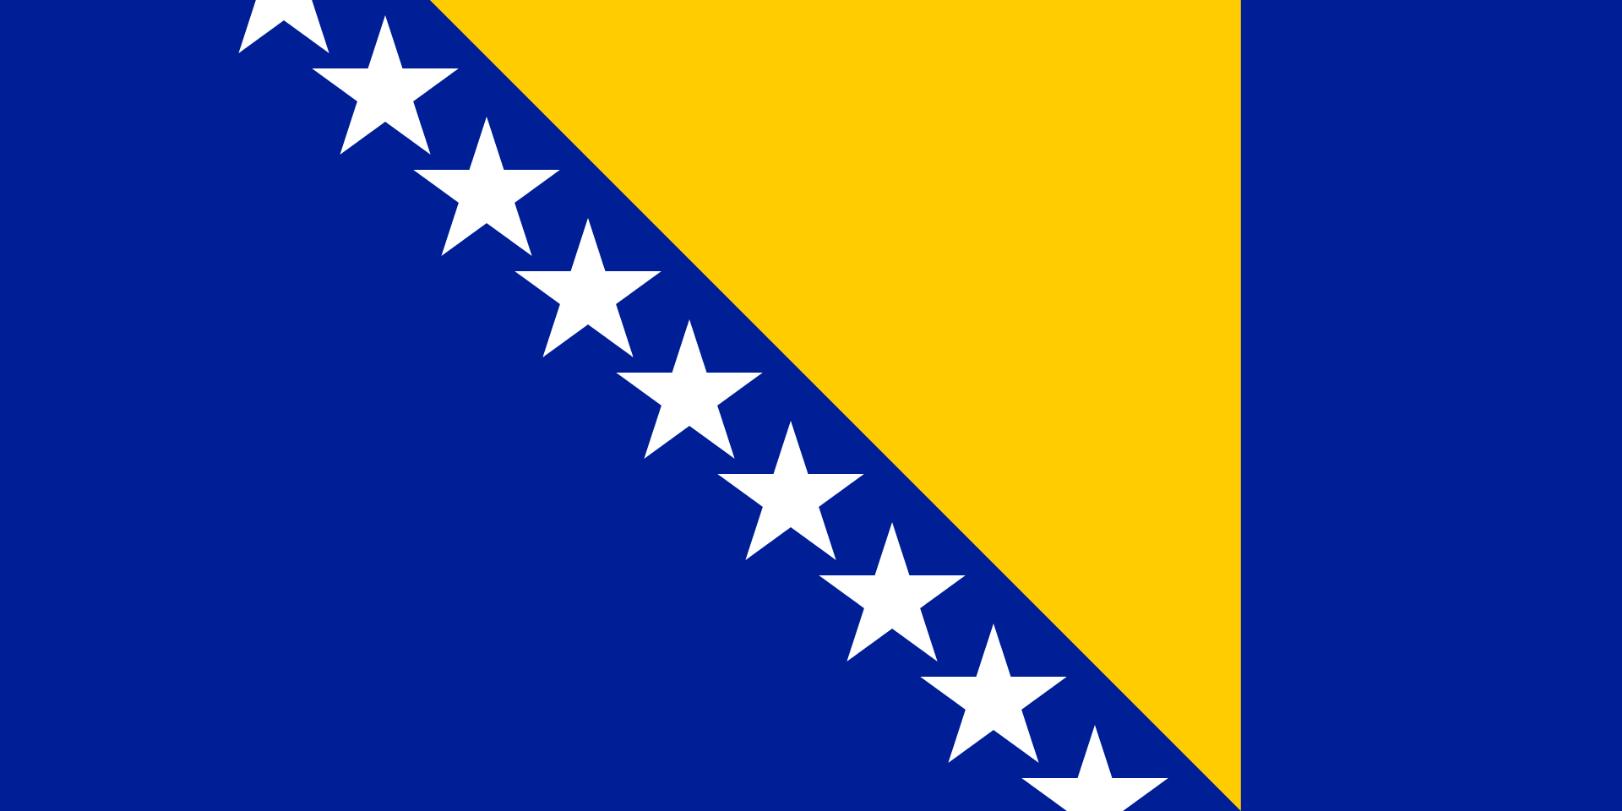 Flagge im Querformat Land Bosnien-H. 150x100 cm